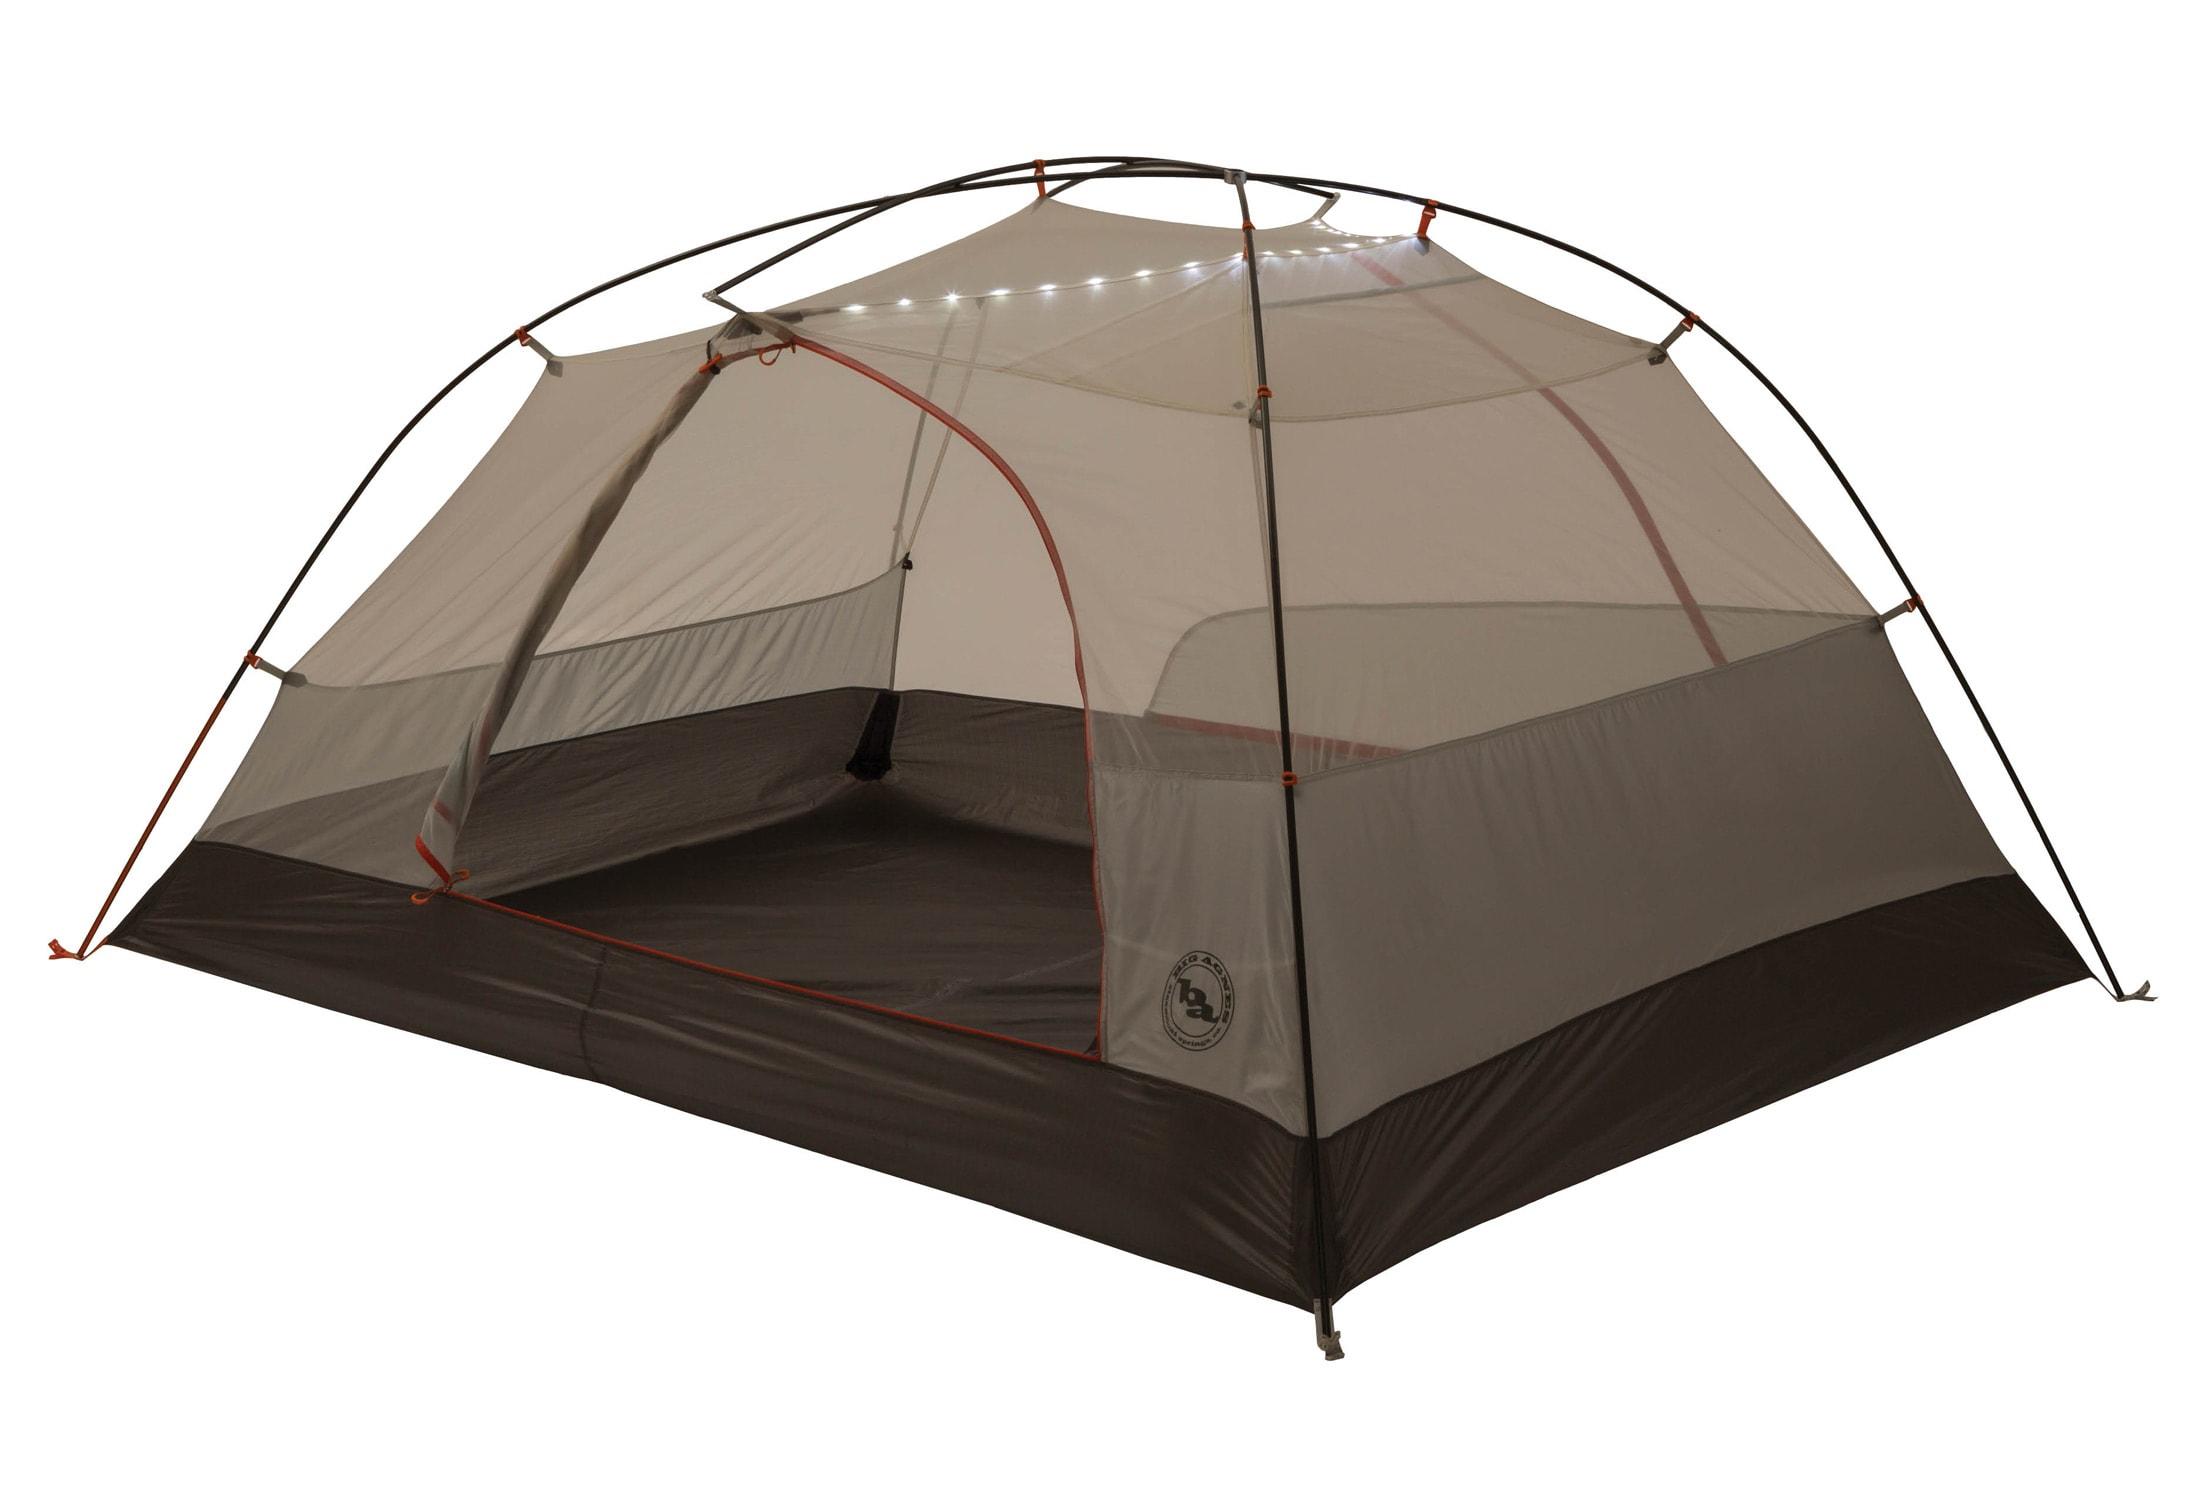 Big 5 tents : The flor store